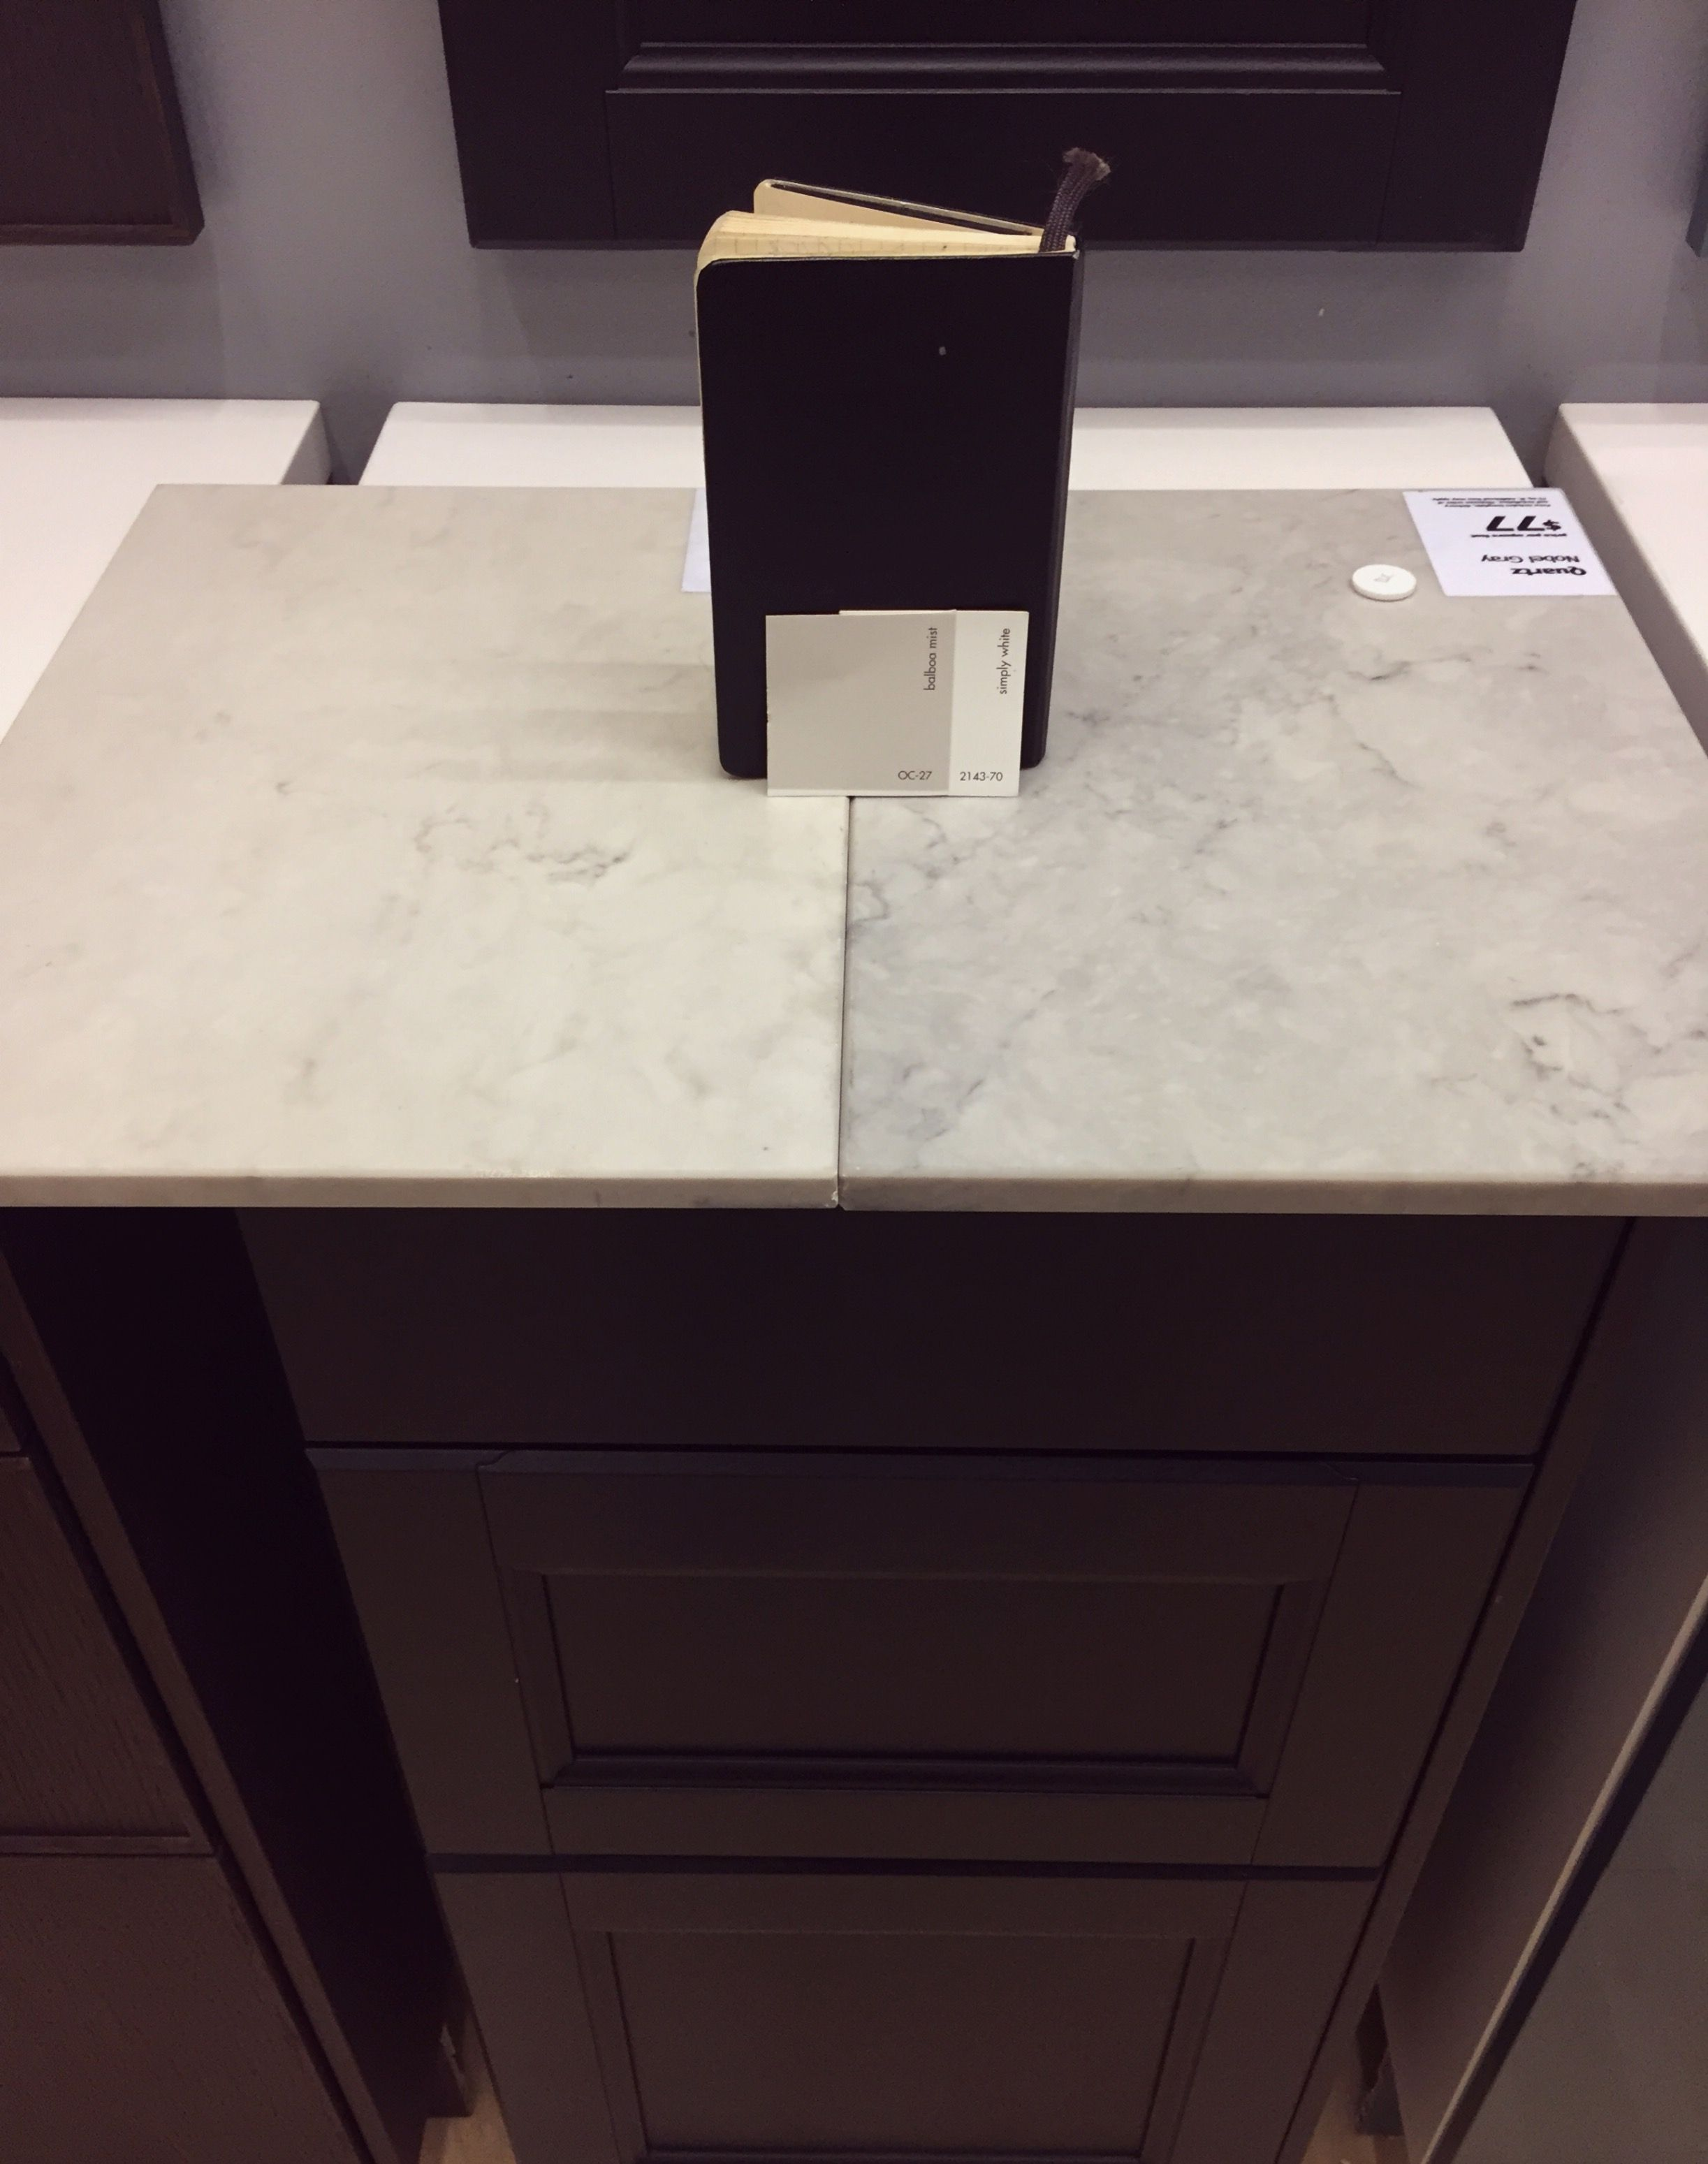 Caesarstone Countertop Options At Ikea London Grey Vs Nobel Grey